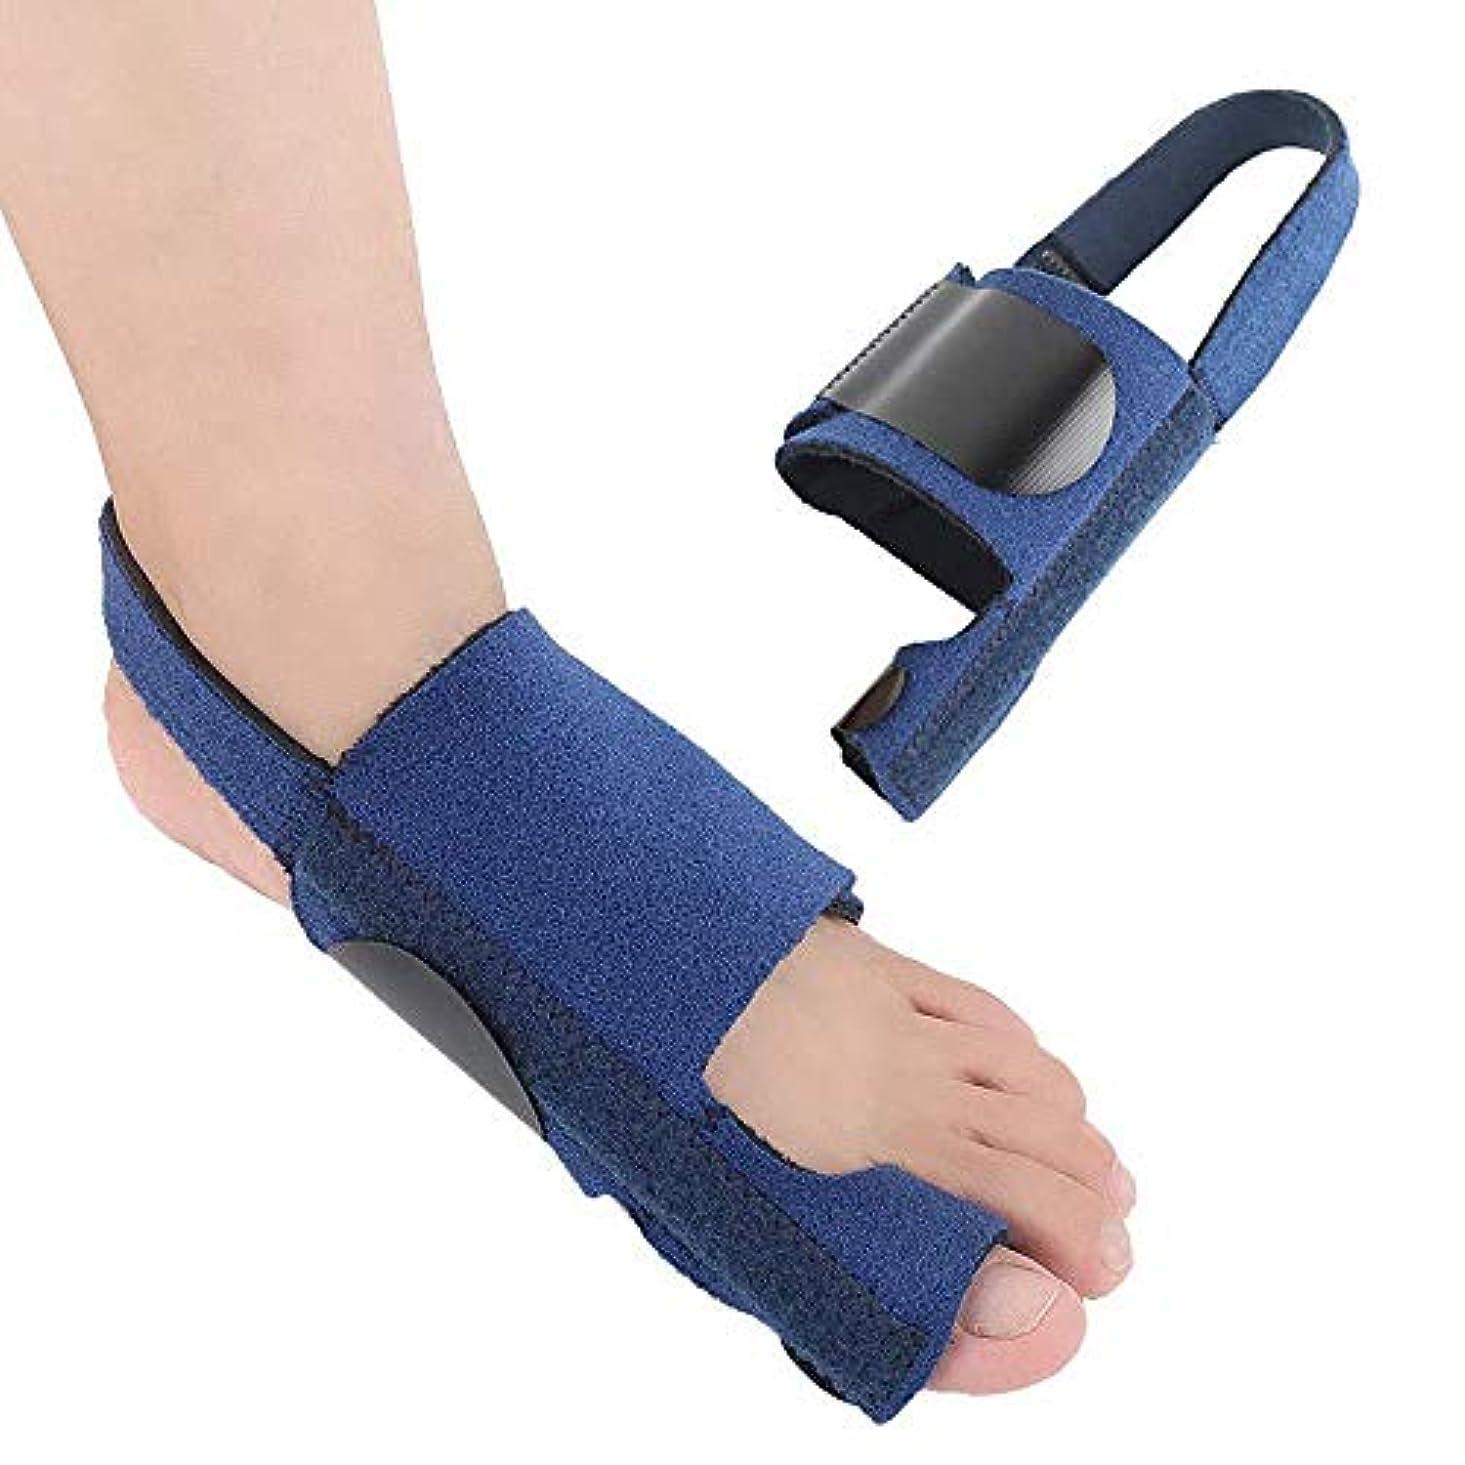 テザー呼吸するチーフ外反母ortho装具、装具アーチサポートゲル大足矯正スプリント、夜間および昼間の扁平足の痛みの緩和の男性と女性,Right Foot